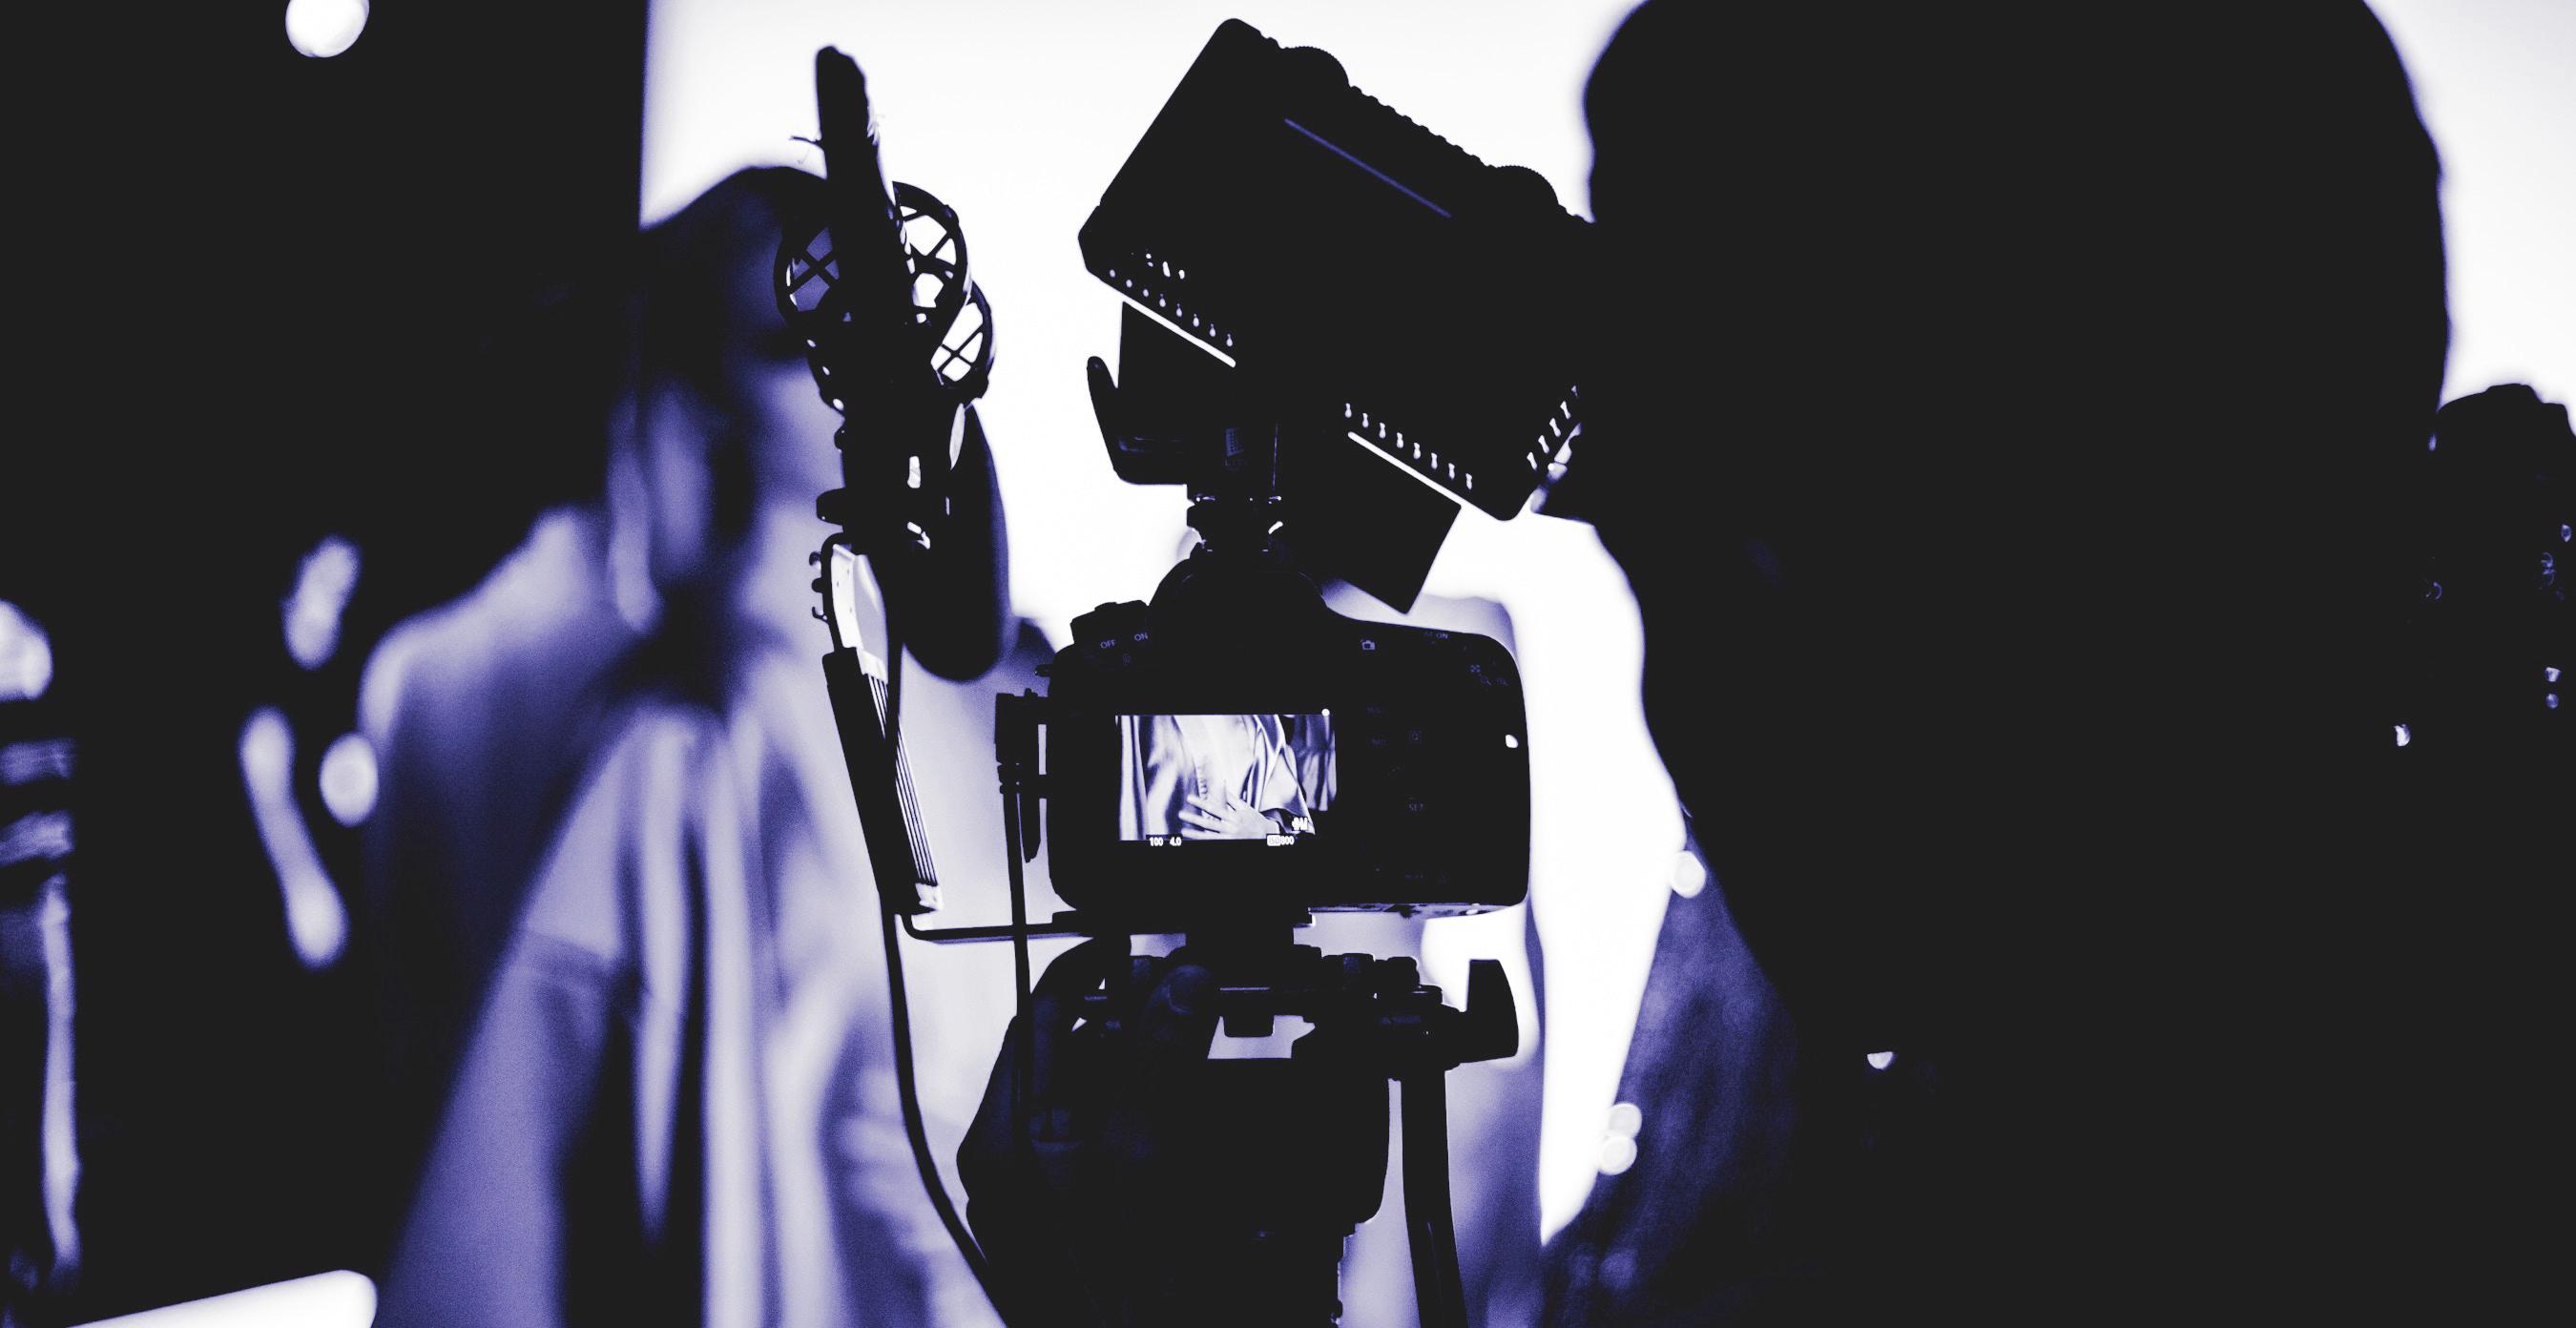 Curso fotografia digital download video 95